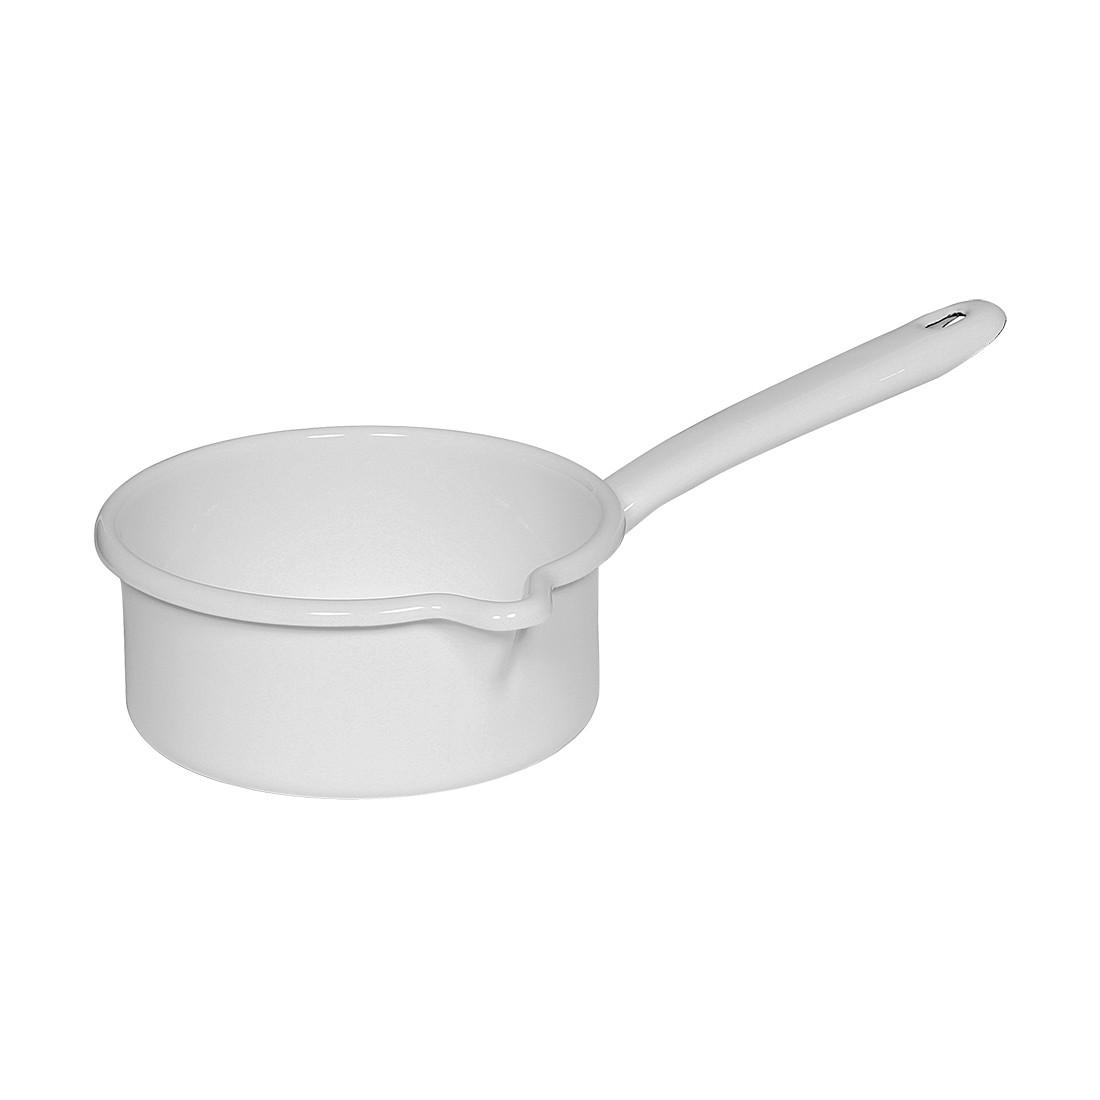 Emaille Stielkasserolle Classic – Emaille Weiß – 0,75 Liter, Riess jetzt kaufen